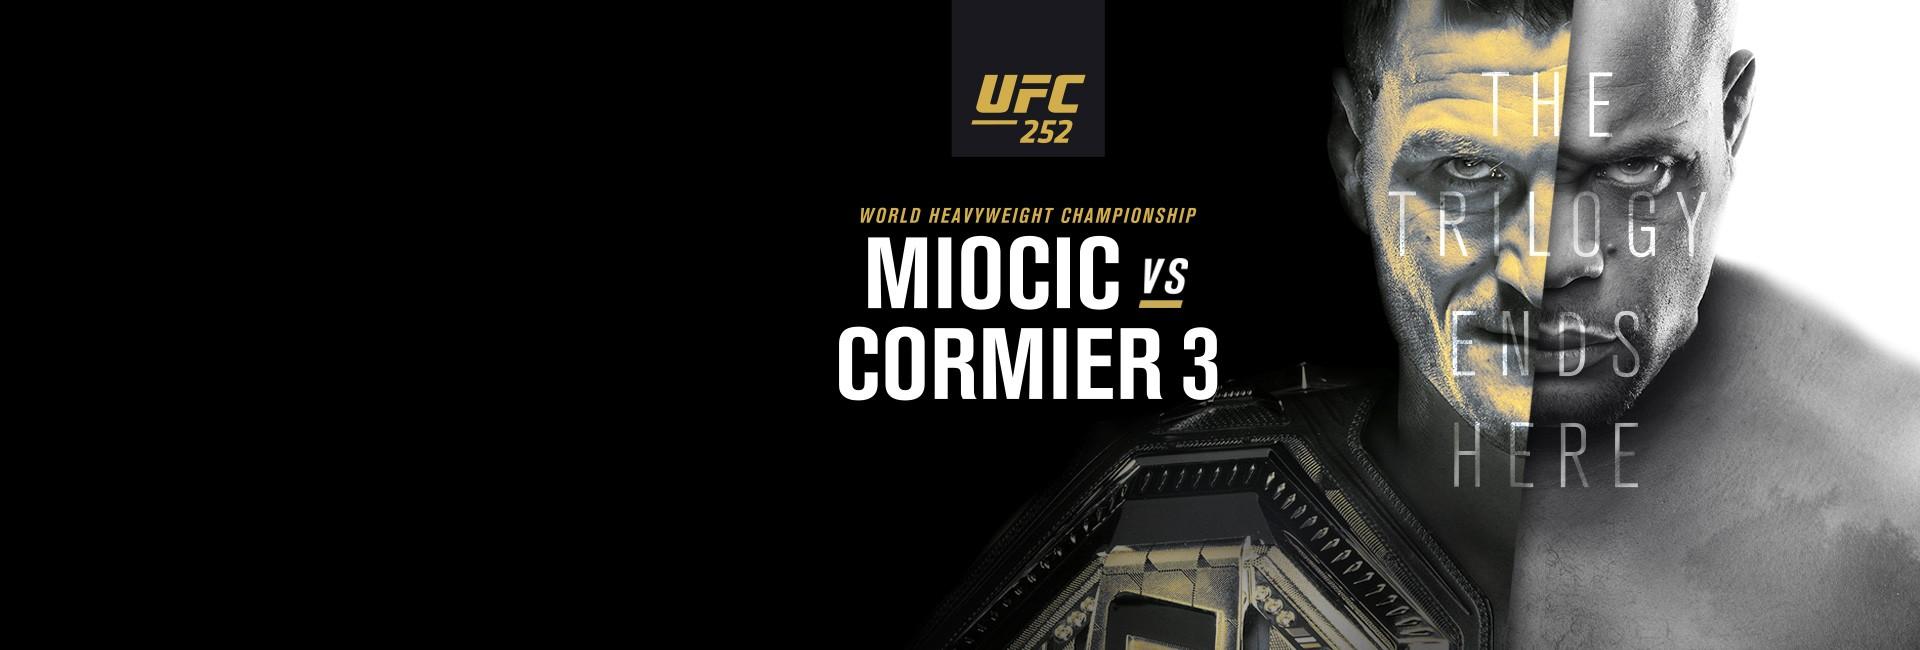 UFC 252: Miocic vs. Cormier 3 16. 8. - 04:00